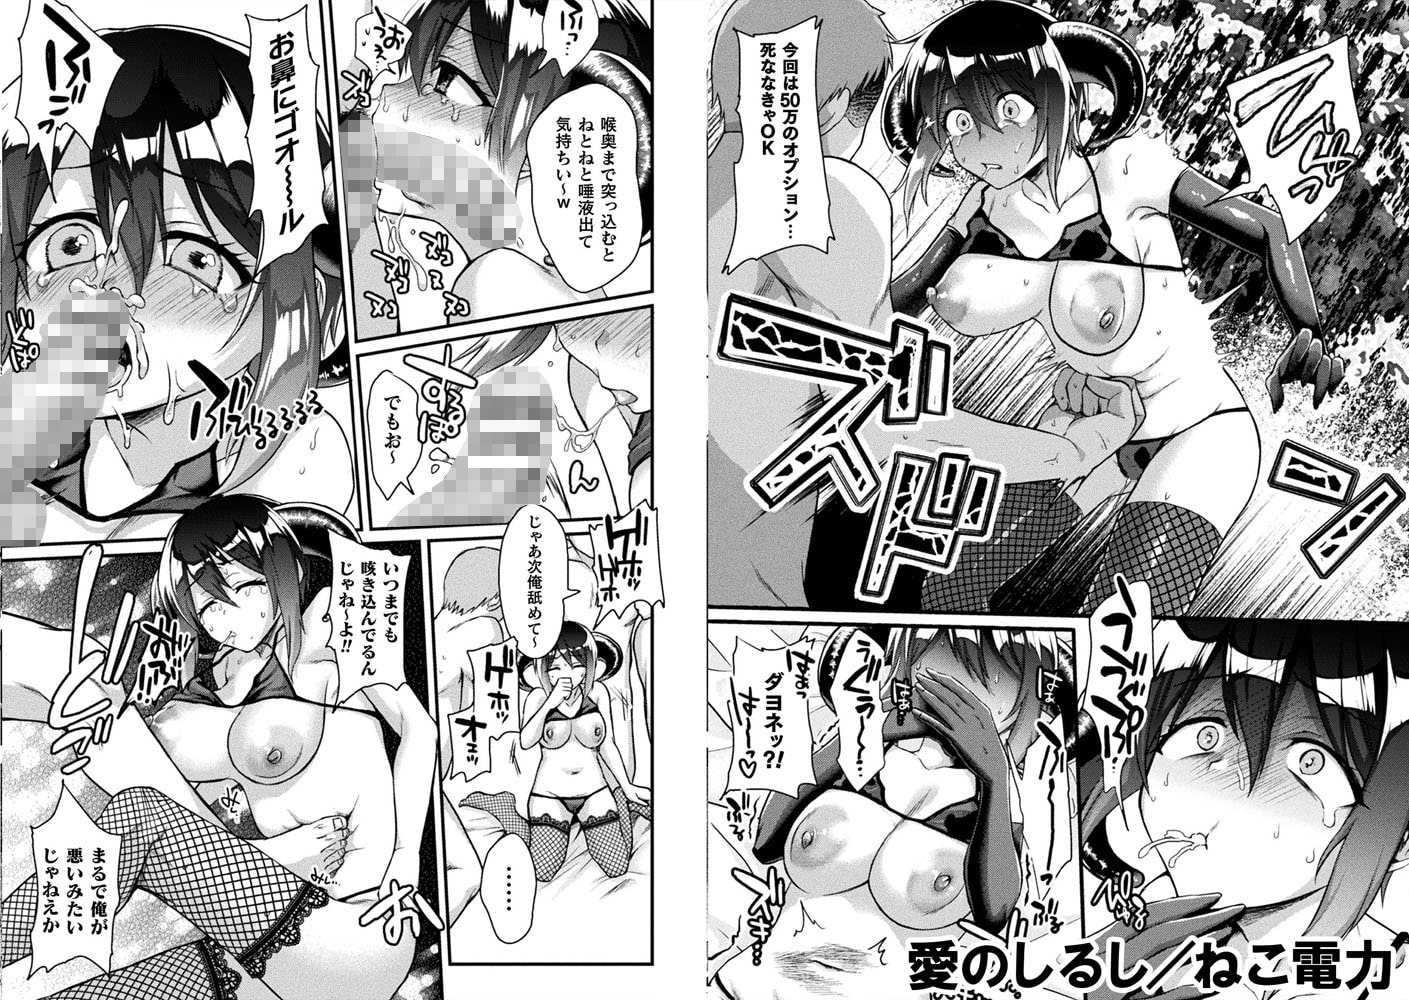 別冊コミックアンリアル 亜人娘をボコ殴りHデジタル版Vol.2~殴打編~